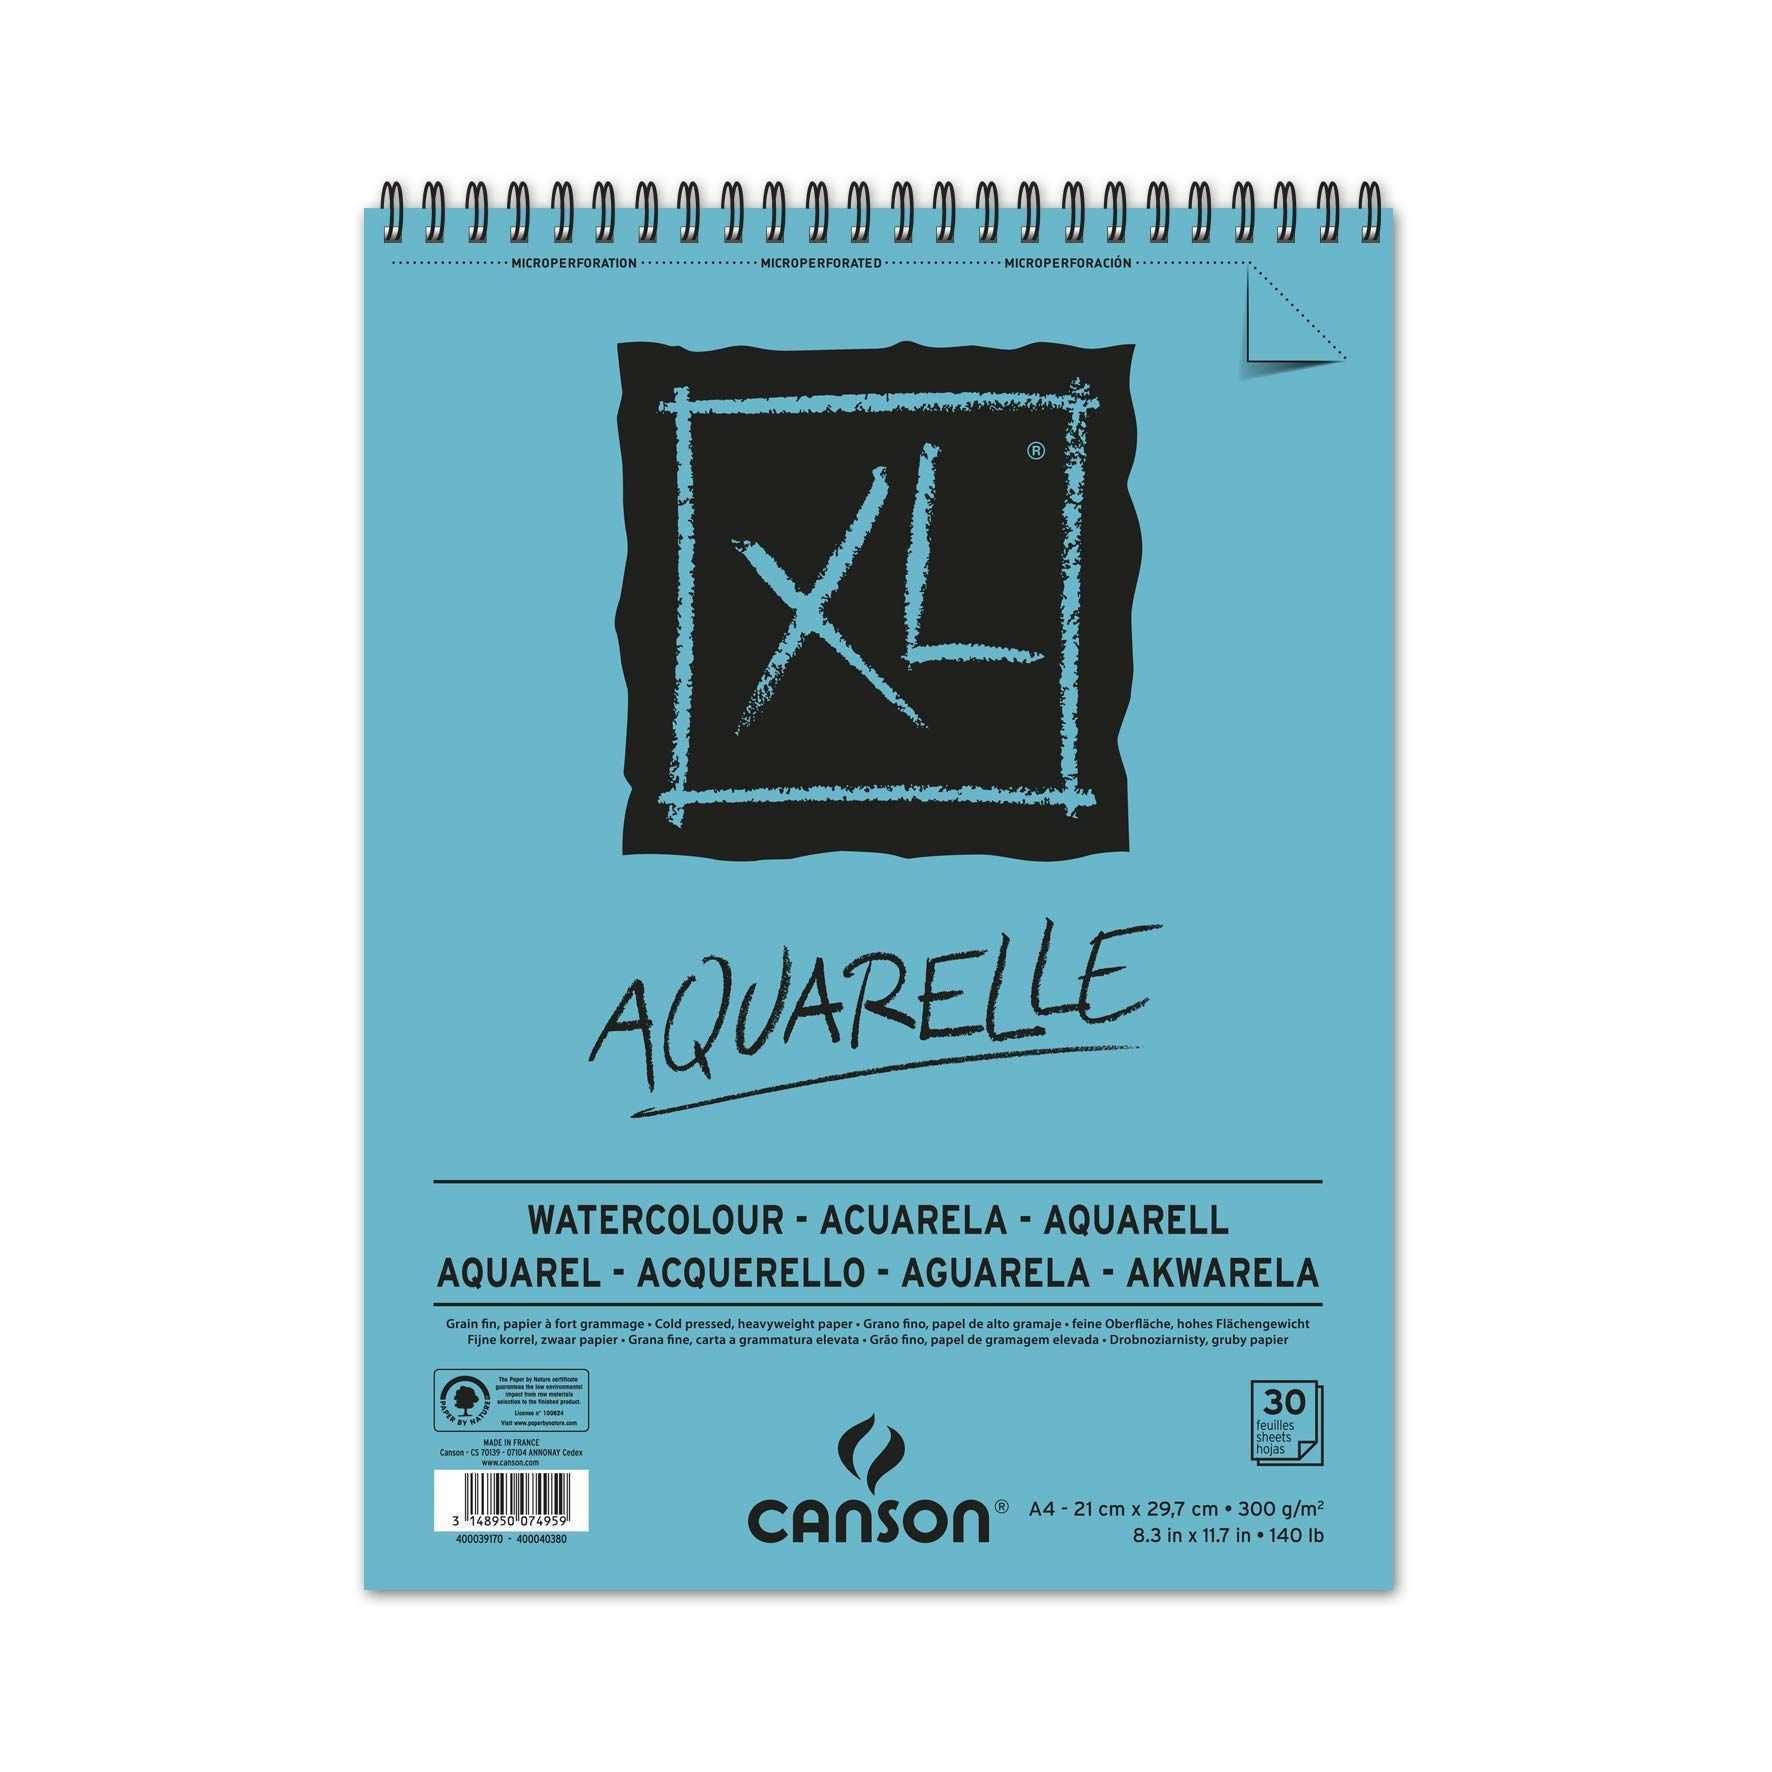 Canson Xl Aquarelle Aquarellblock Din A4 30 Blatt 300 G M Amazon De Kuche Haushalt In 2020 Aquarell Aquarellpapier Aquarellfarben